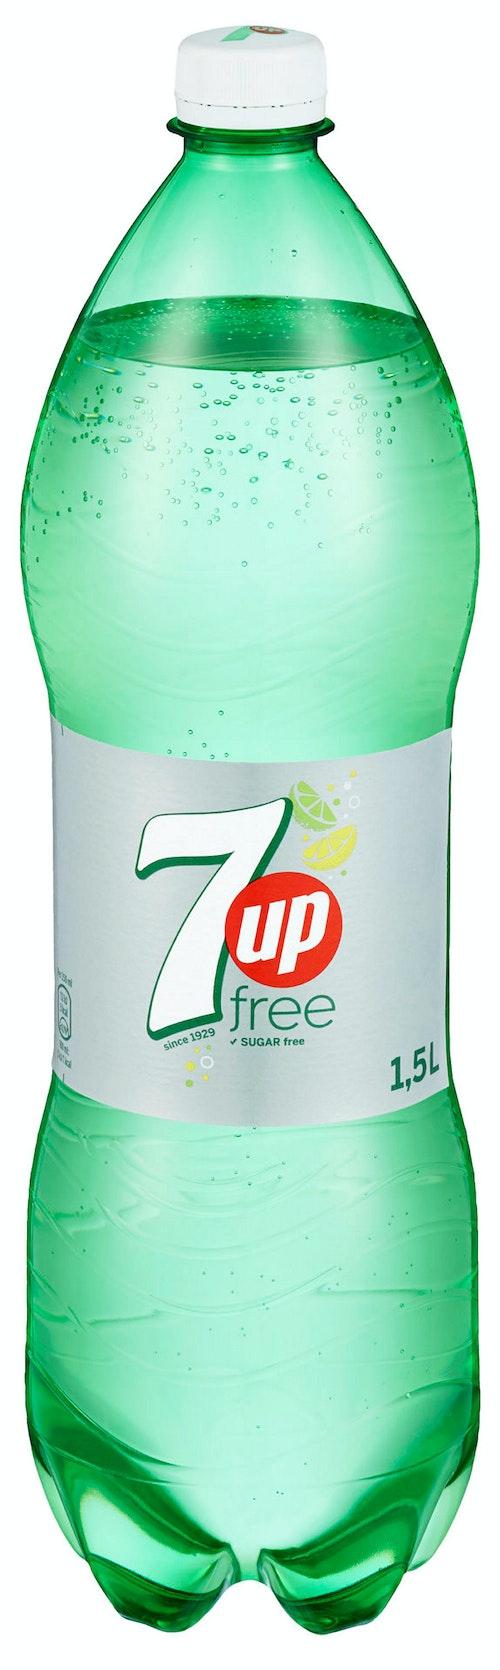 Ringnes 7UP Free 1,5 l